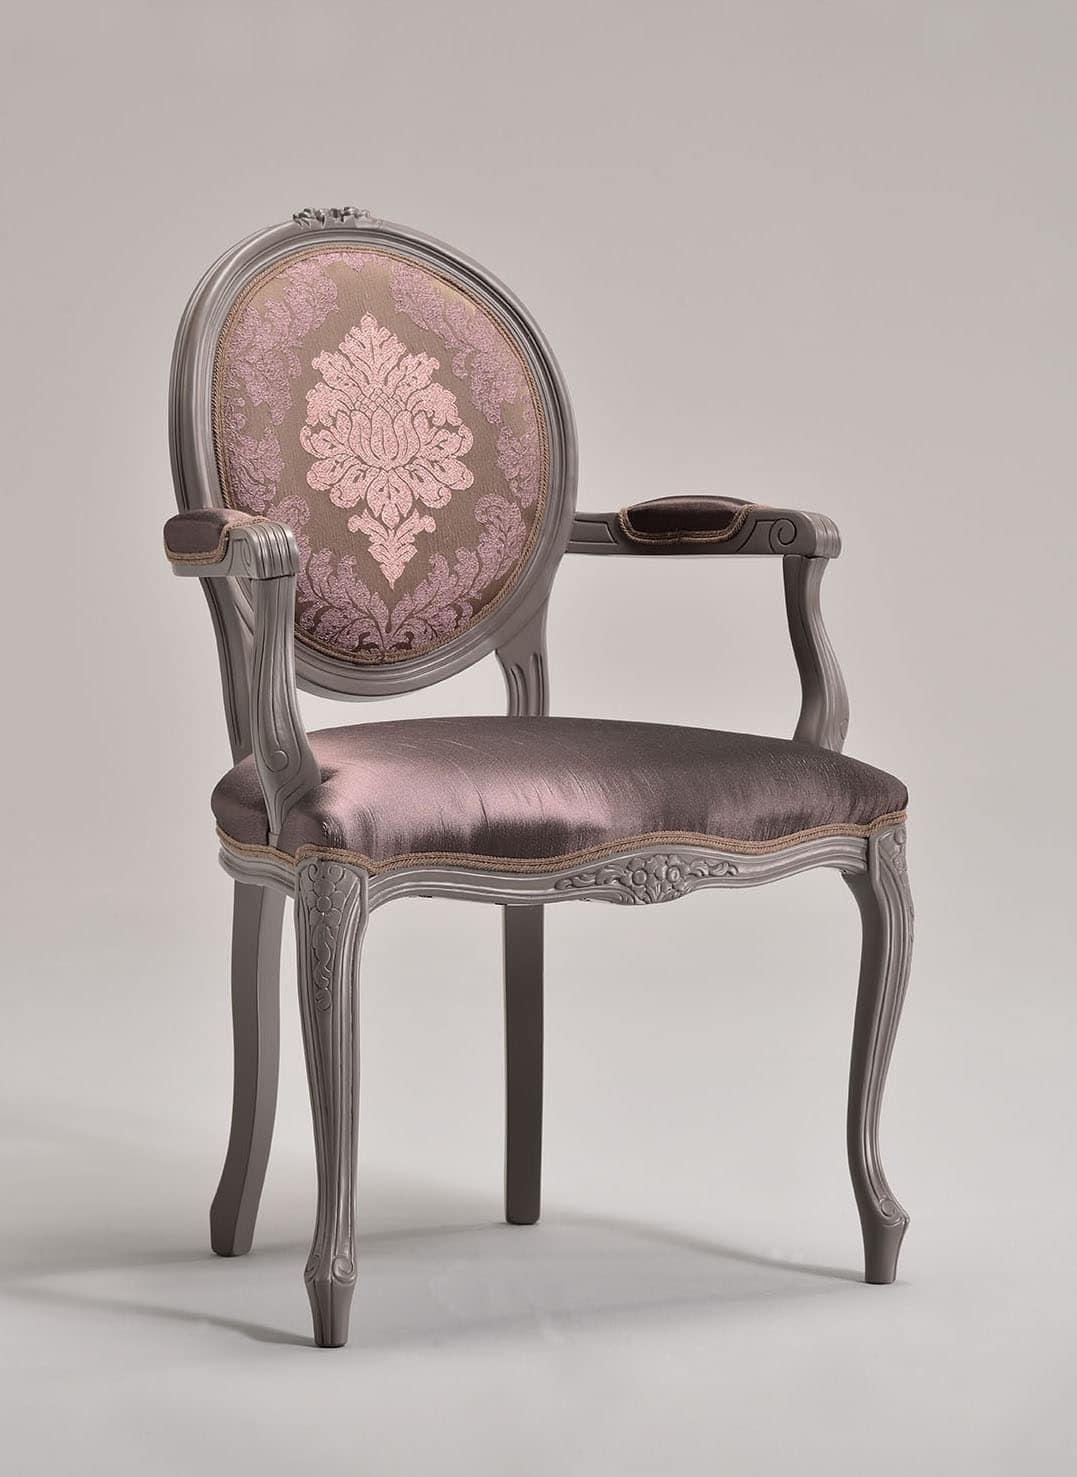 Sedia in stile luigi xv schienale ovale per alberghi for Sedie stile moderno